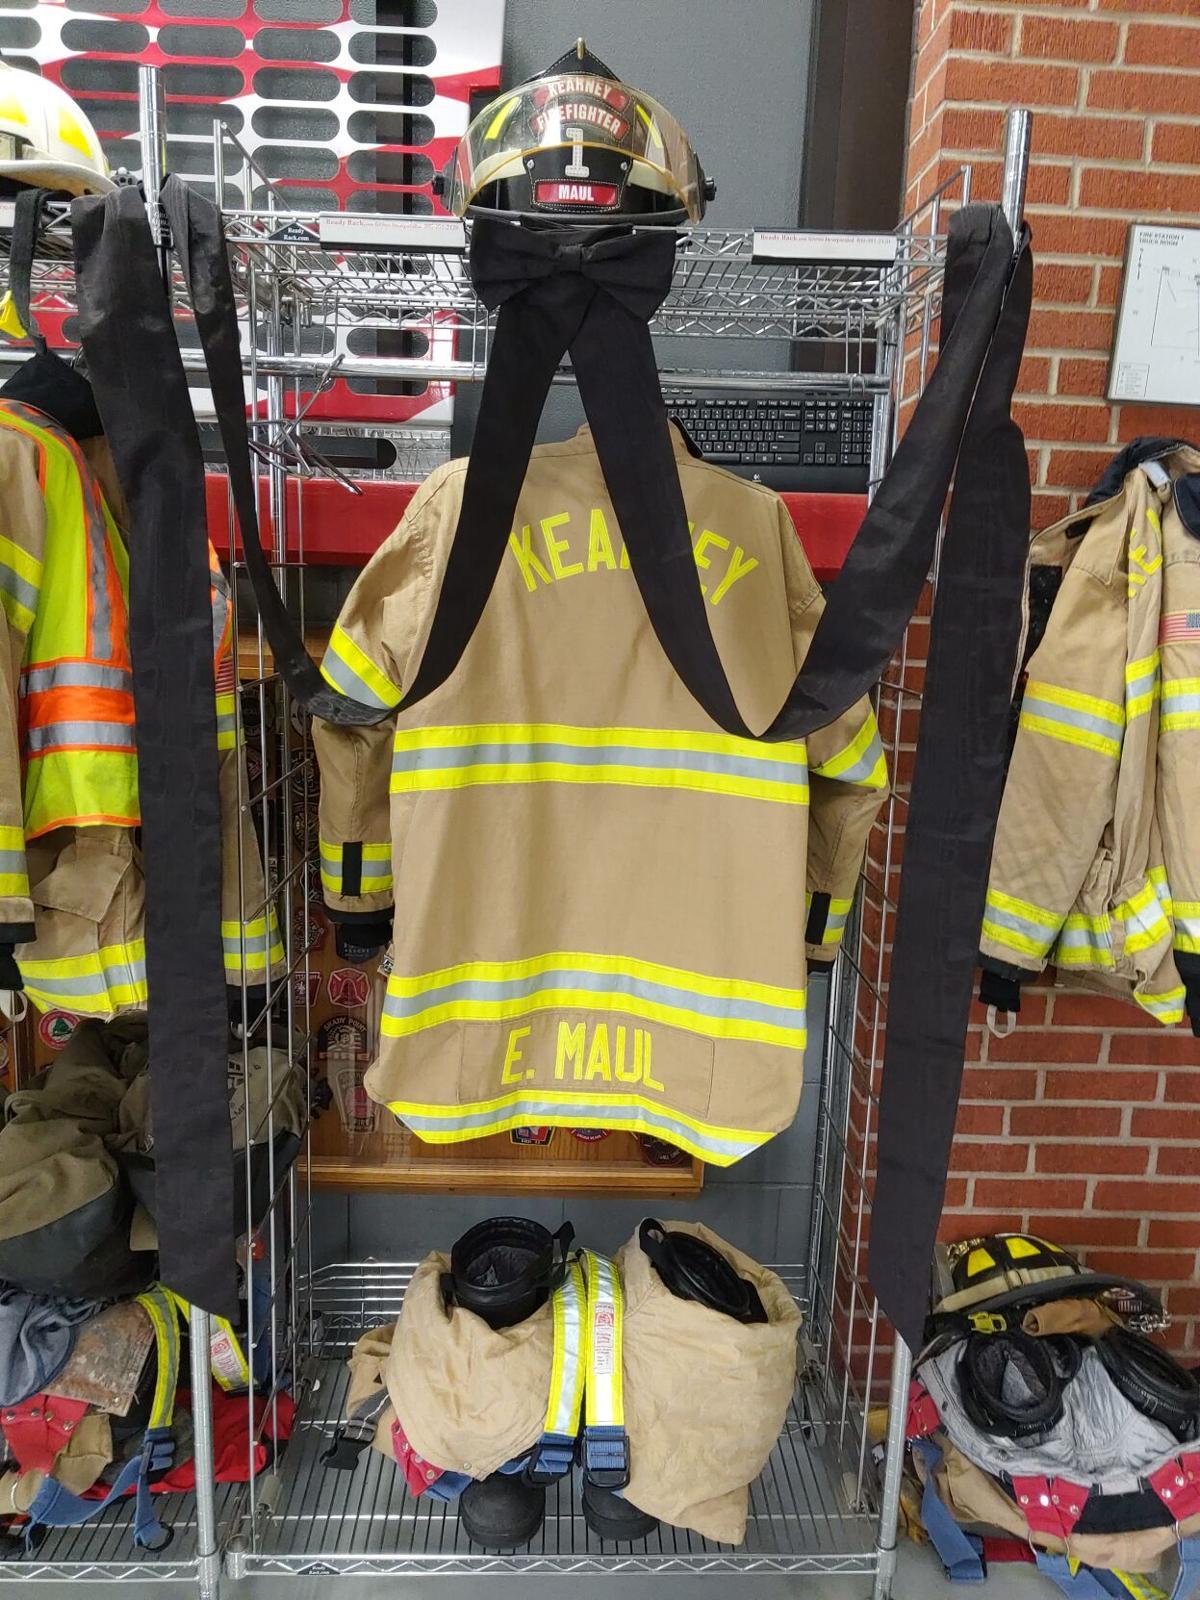 Maul's gear